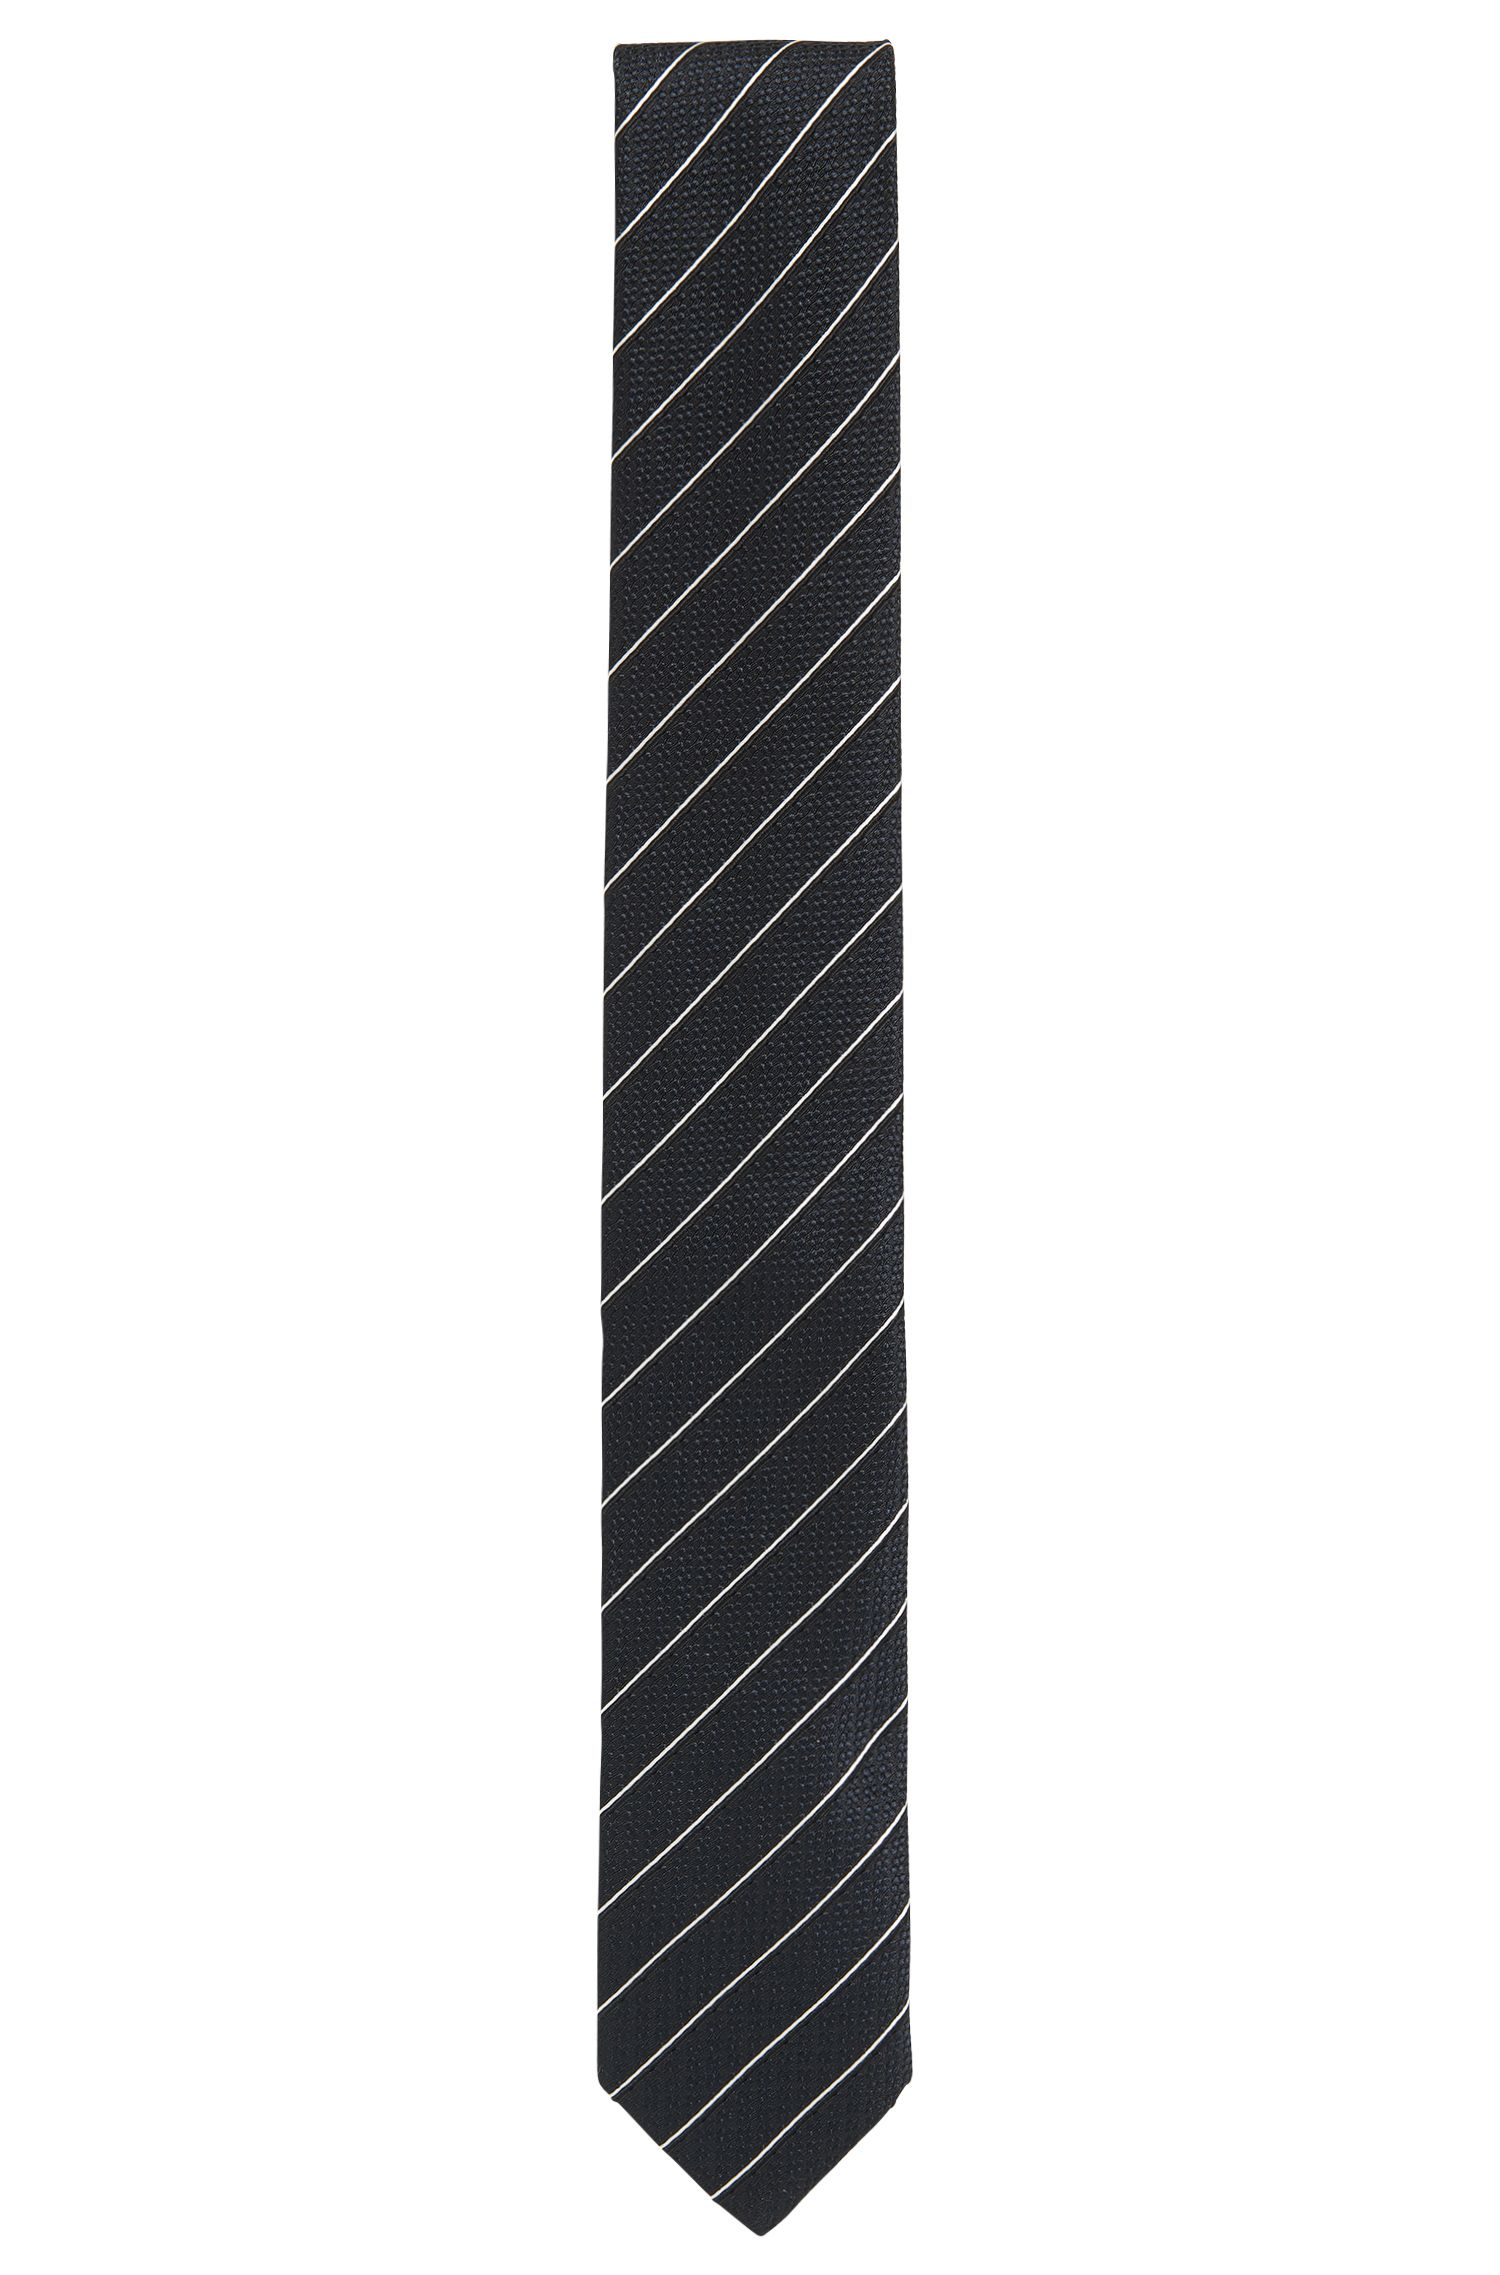 Cravate en jacquard de soie à rayures en diagonale